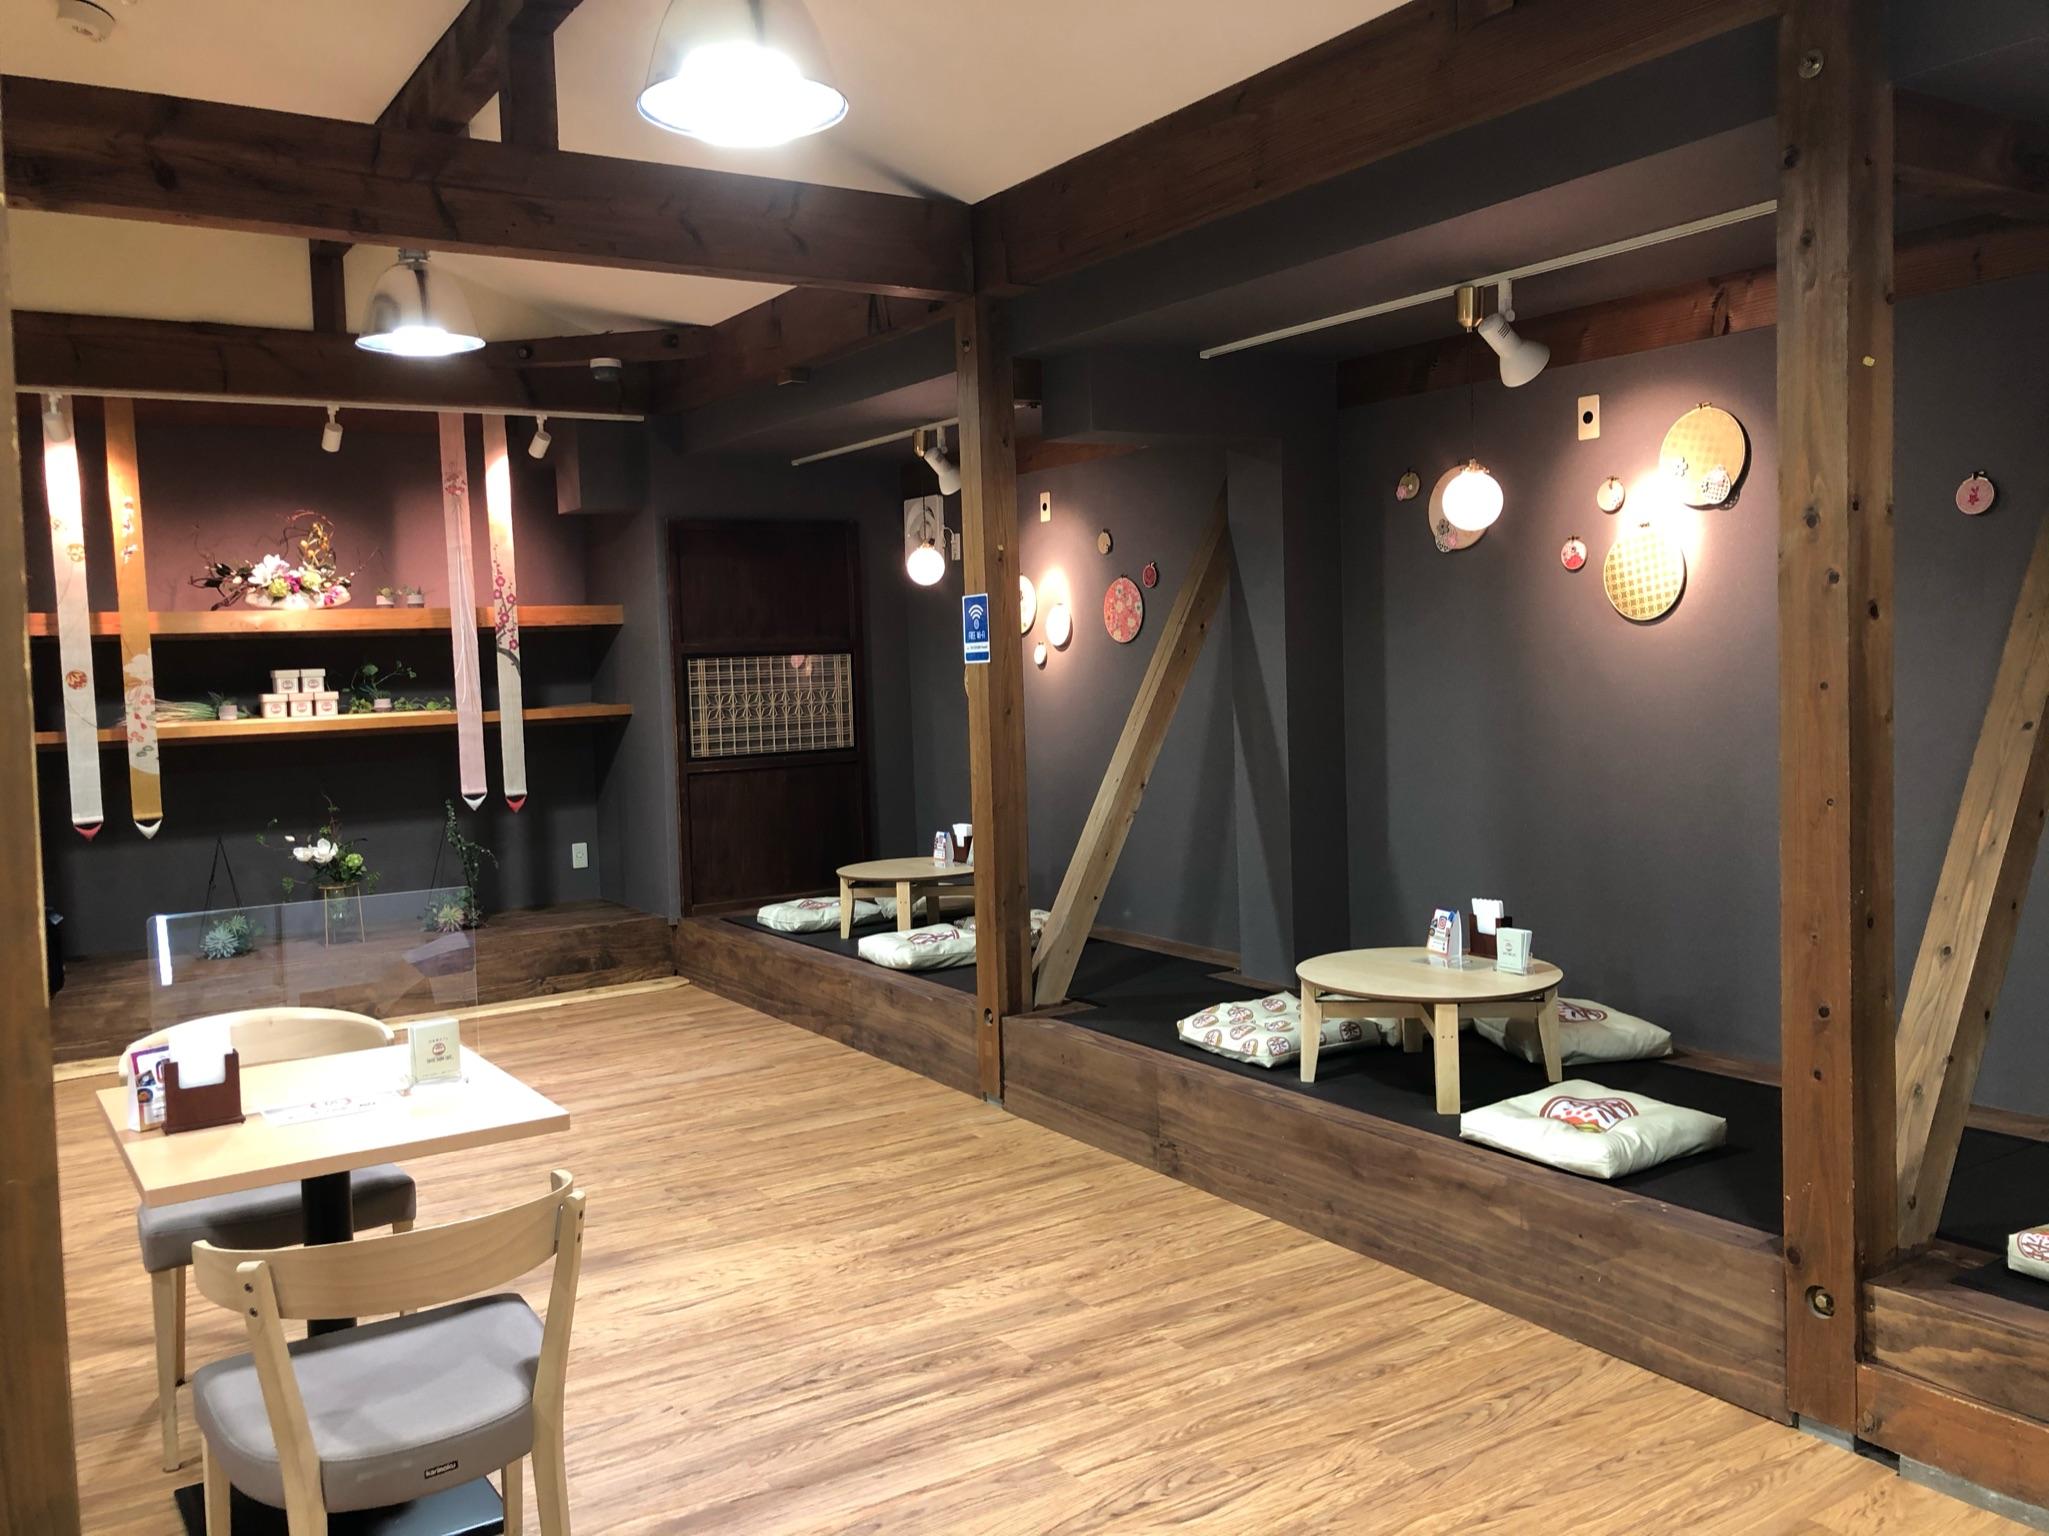 日本茶カフェ,OEM,店舗デザイン,店舗内装,オリジナル商品,和モダン